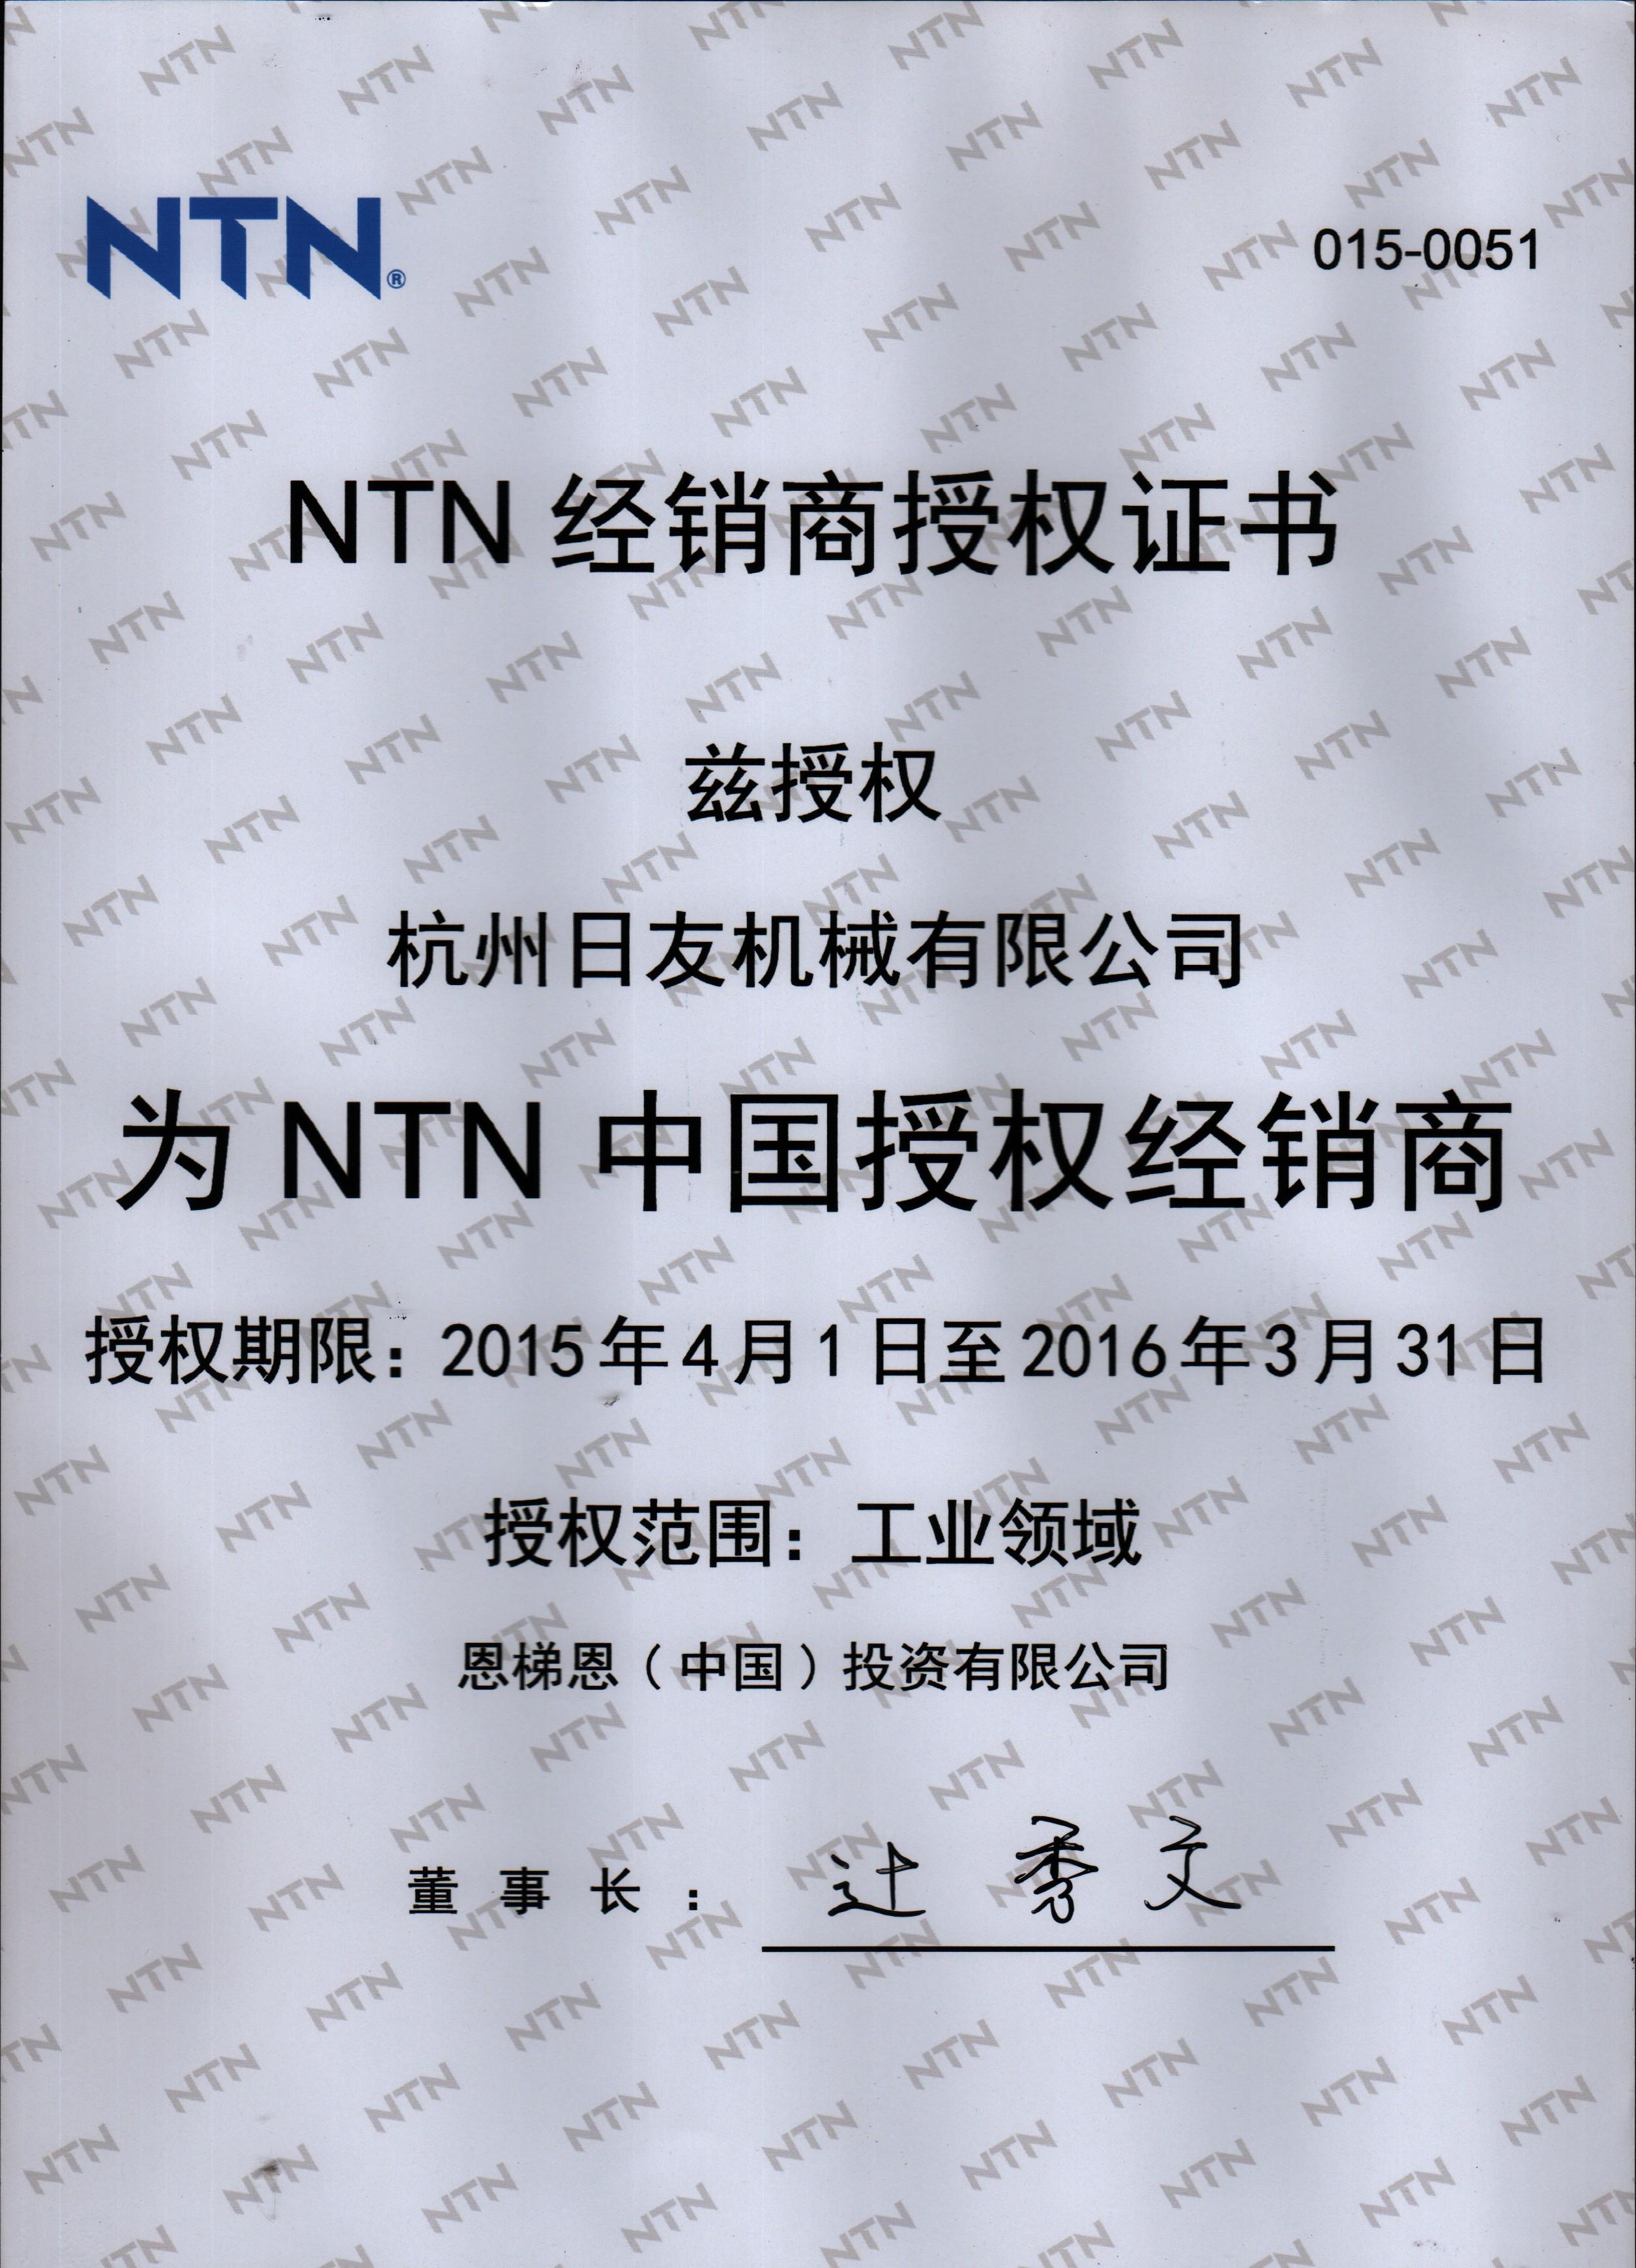 2015NTN授权证书